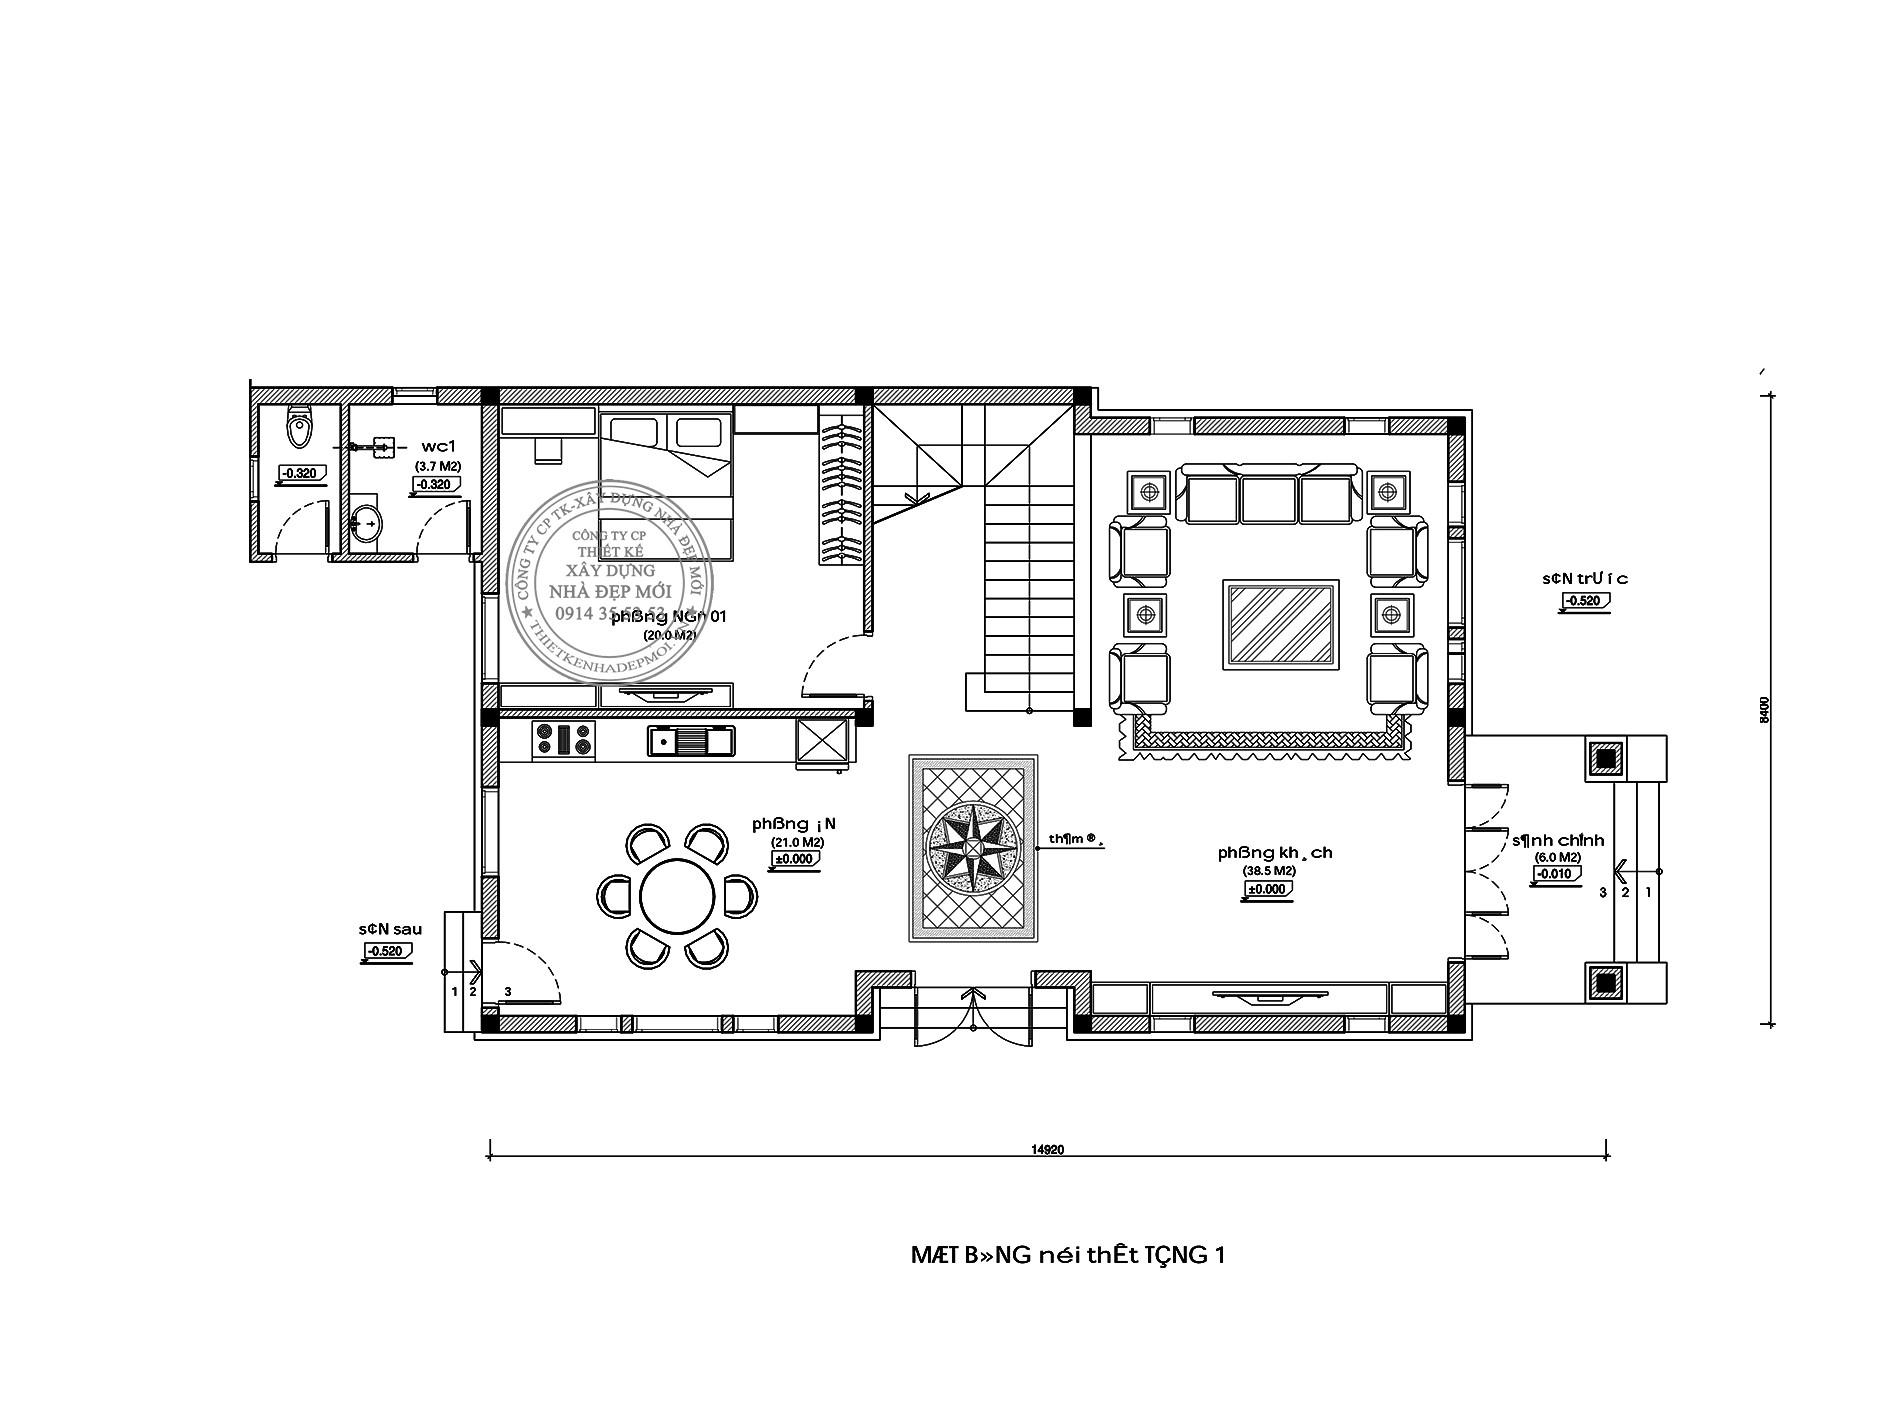 Mặt bằng nội thất tầng 1